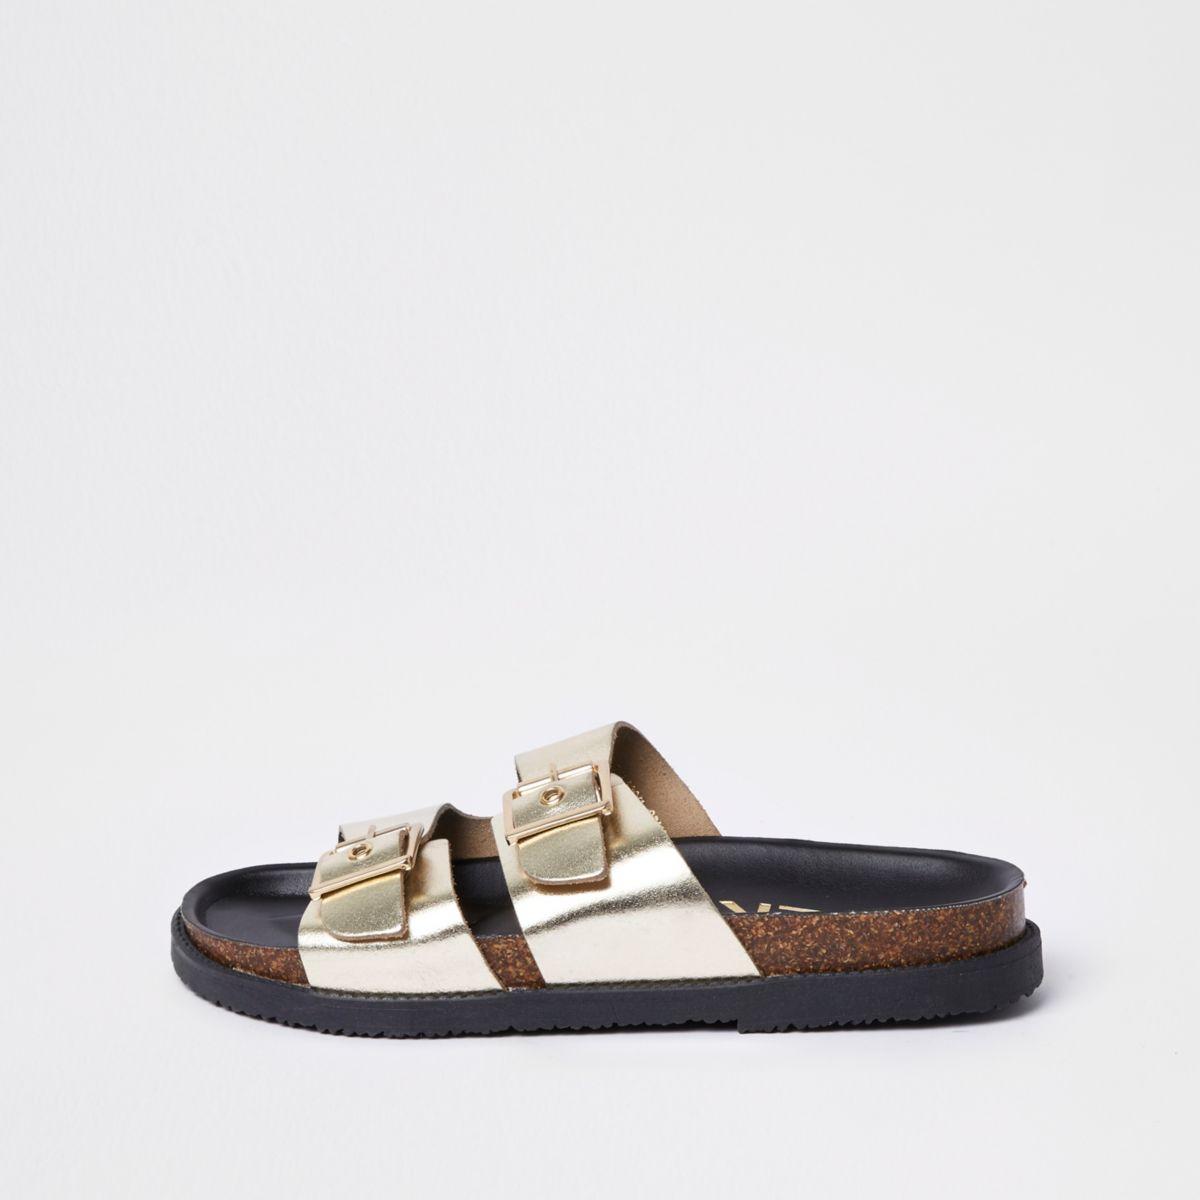 Goudkleurige sandalen met dubbele gesp